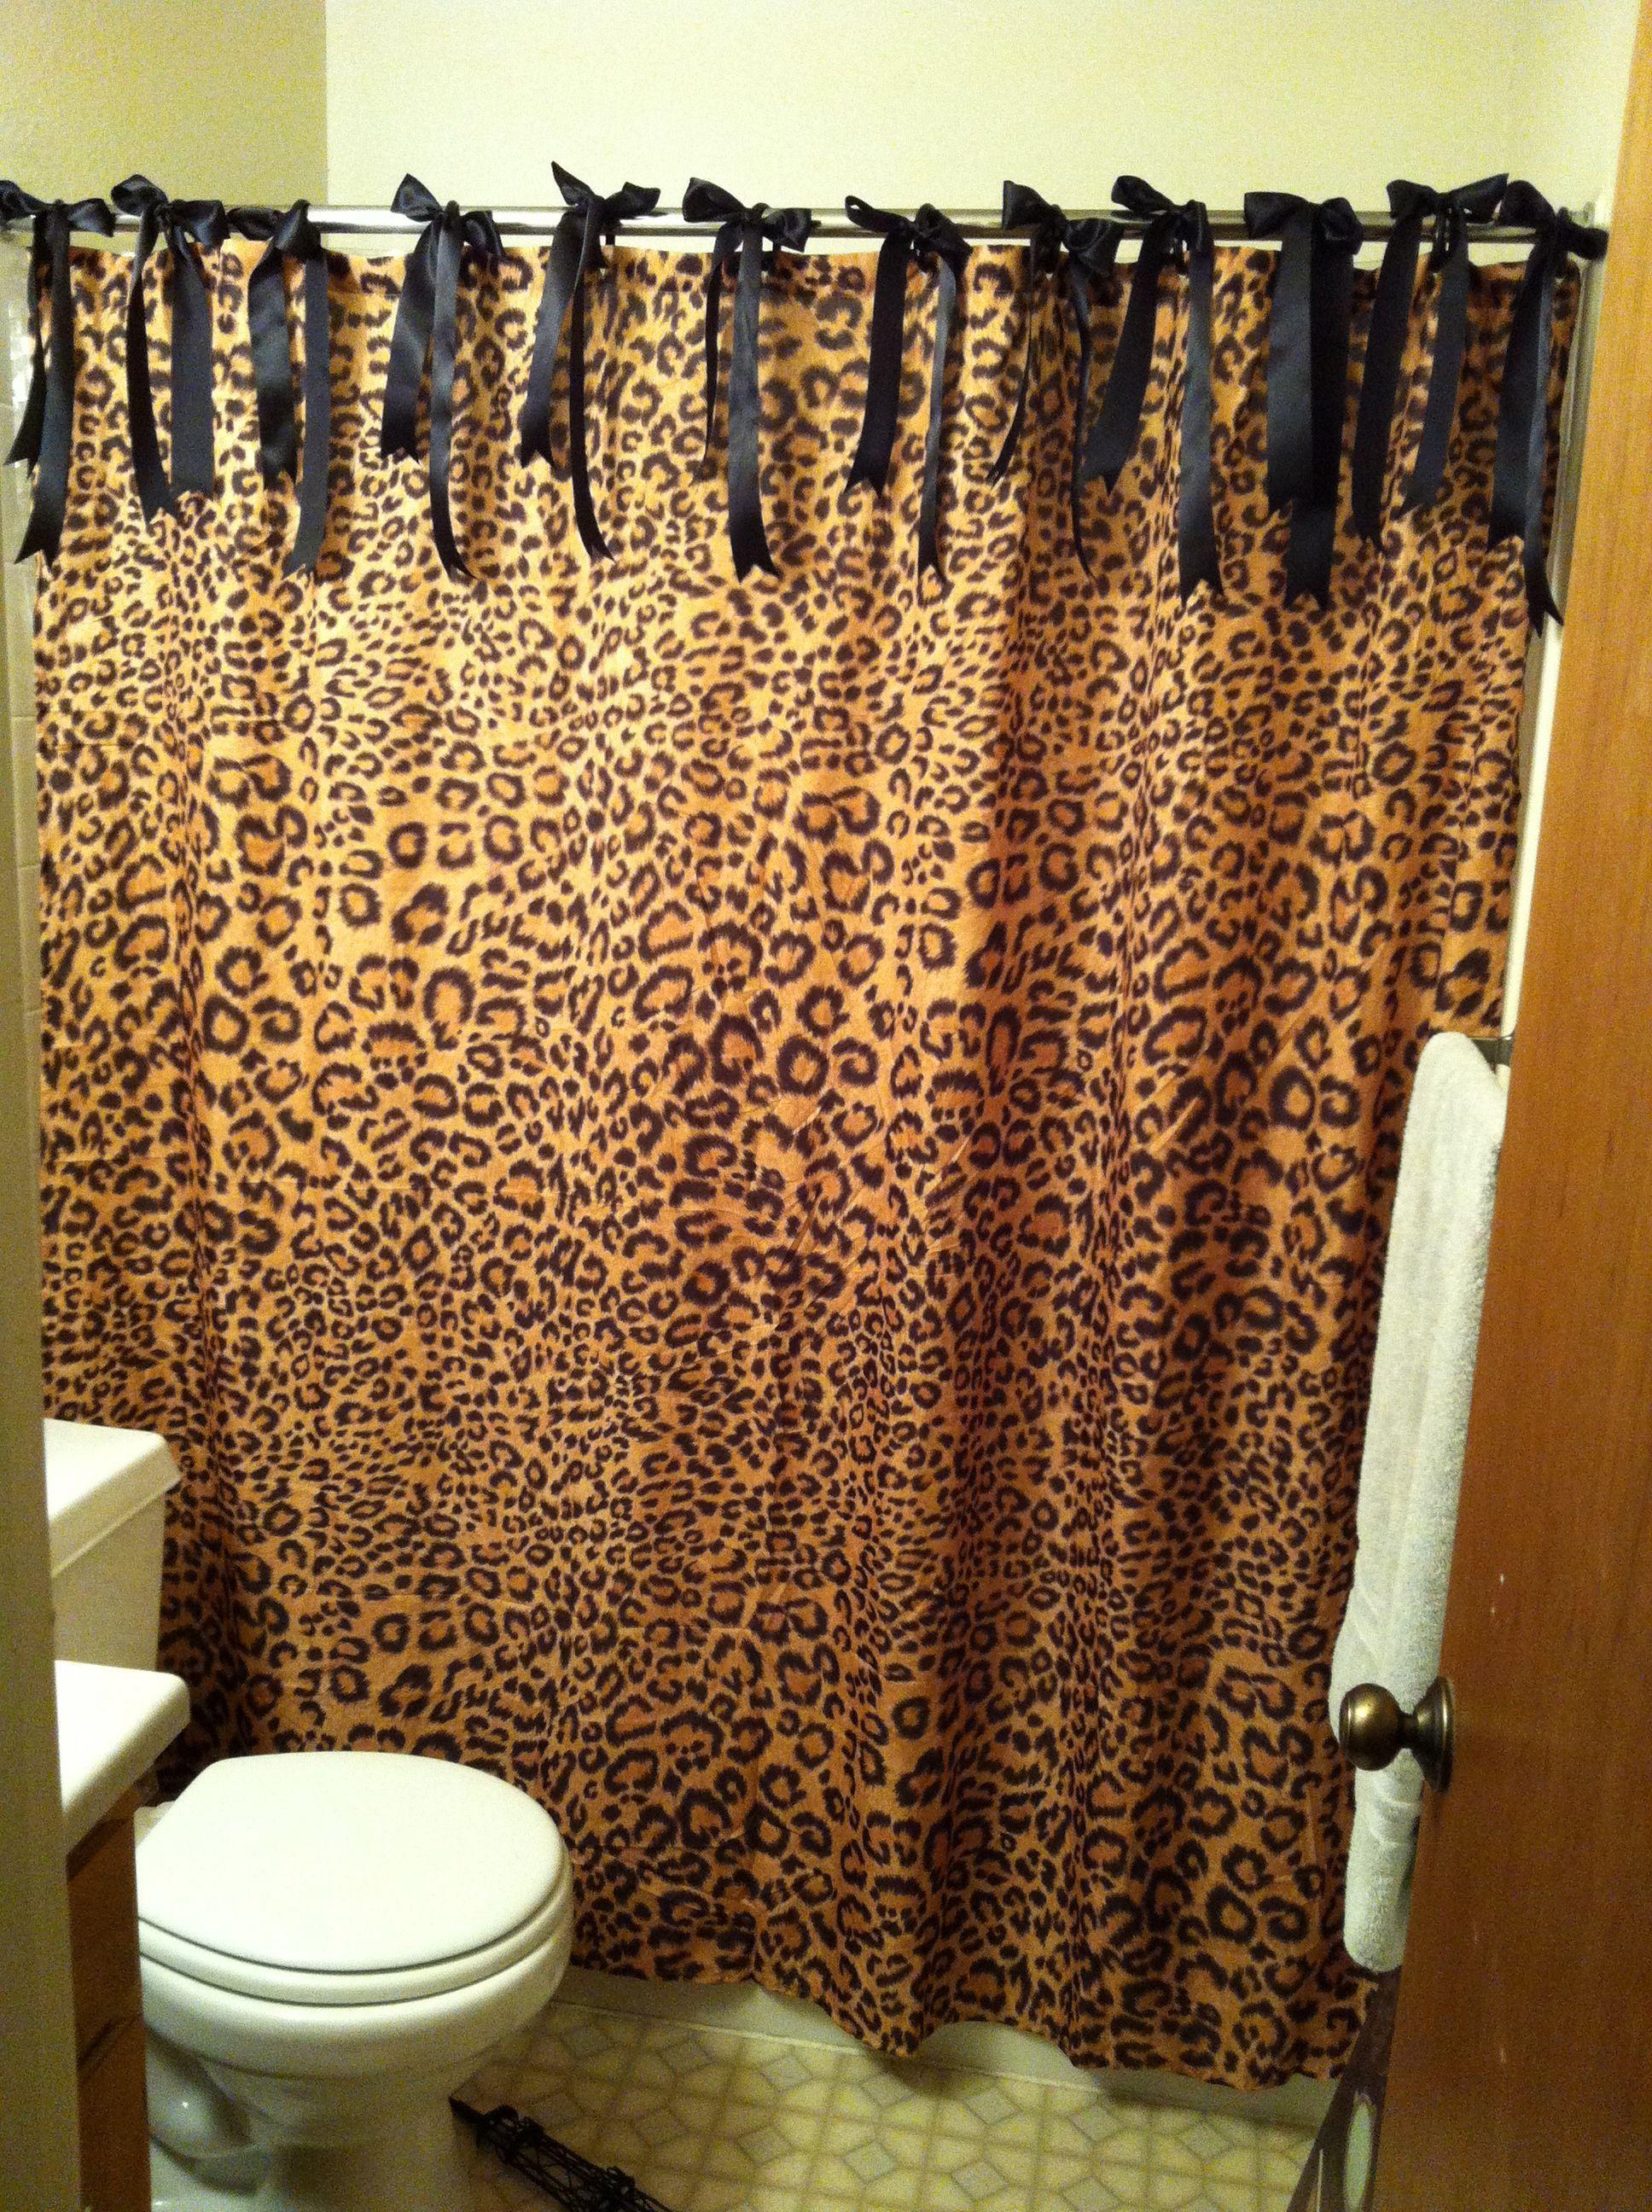 Leopard Print Bathroom By Gabriela On Oncinhag In 2020 Bathroom